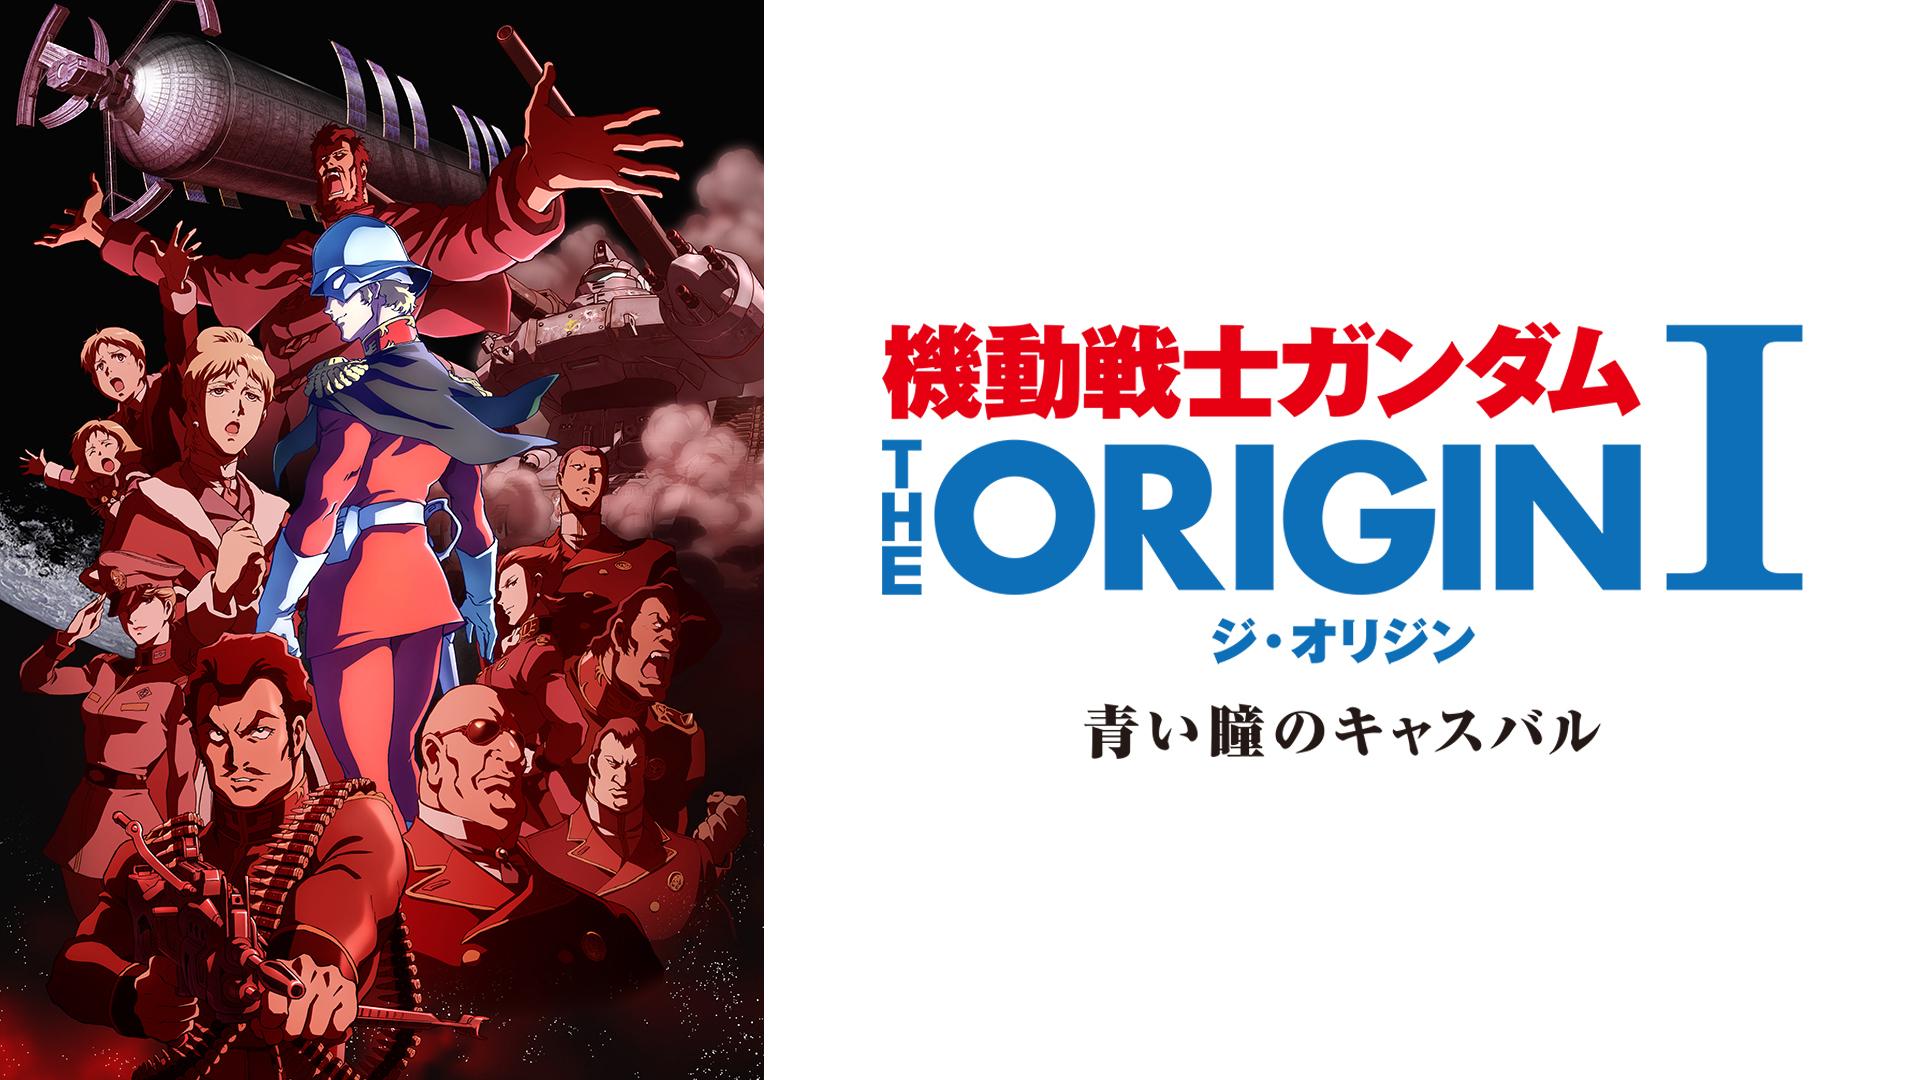 機動戦士ガンダム THE ORIGIN シャア・セイラ編 I 青い瞳のキャスバル